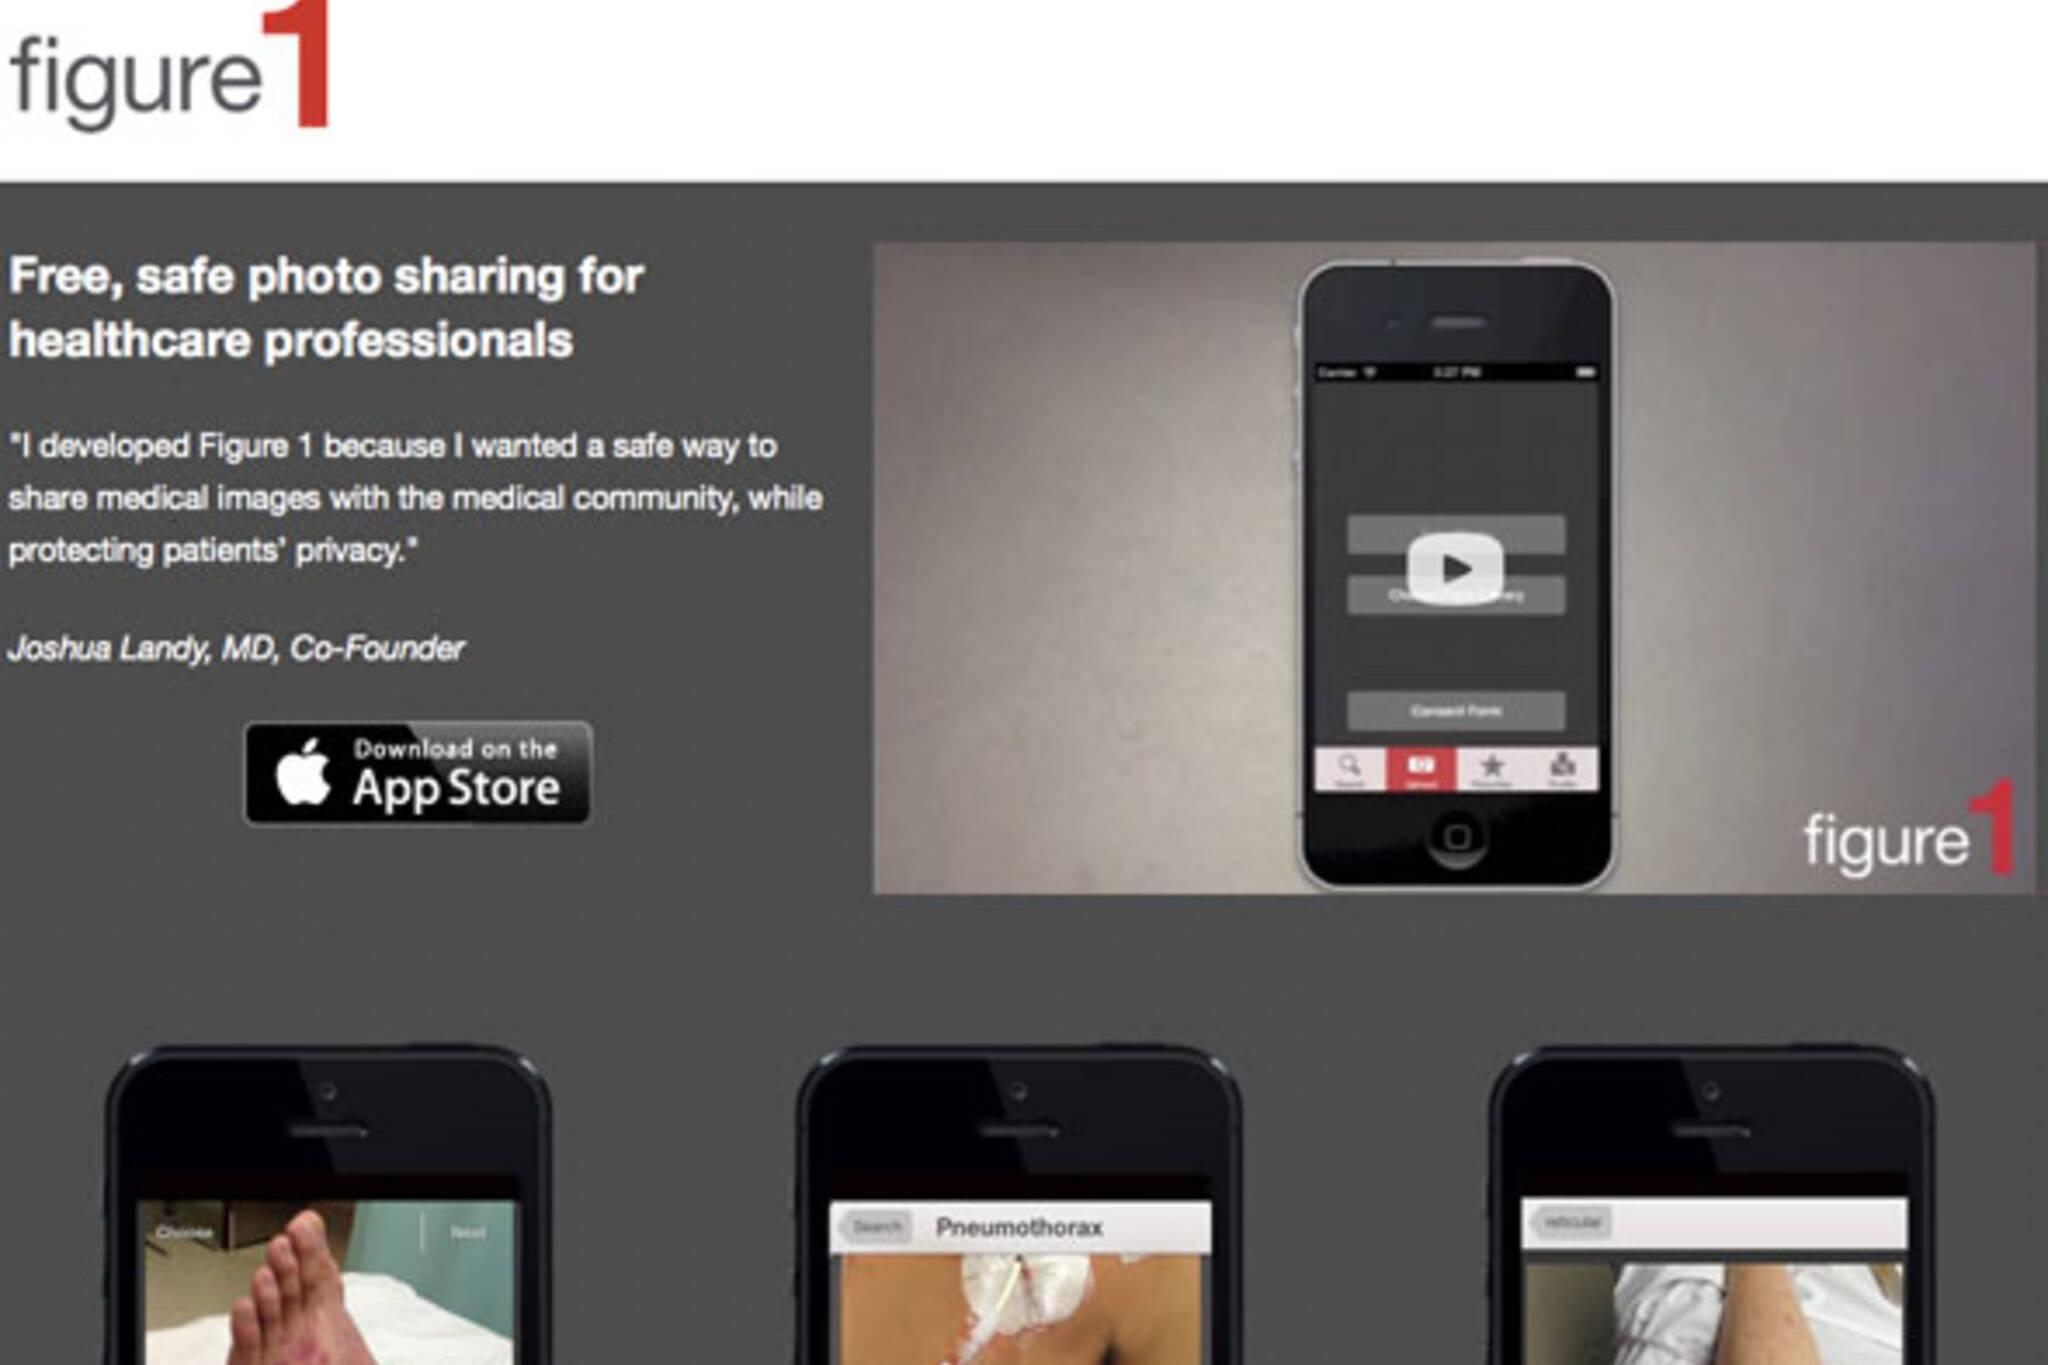 Figure 1 app